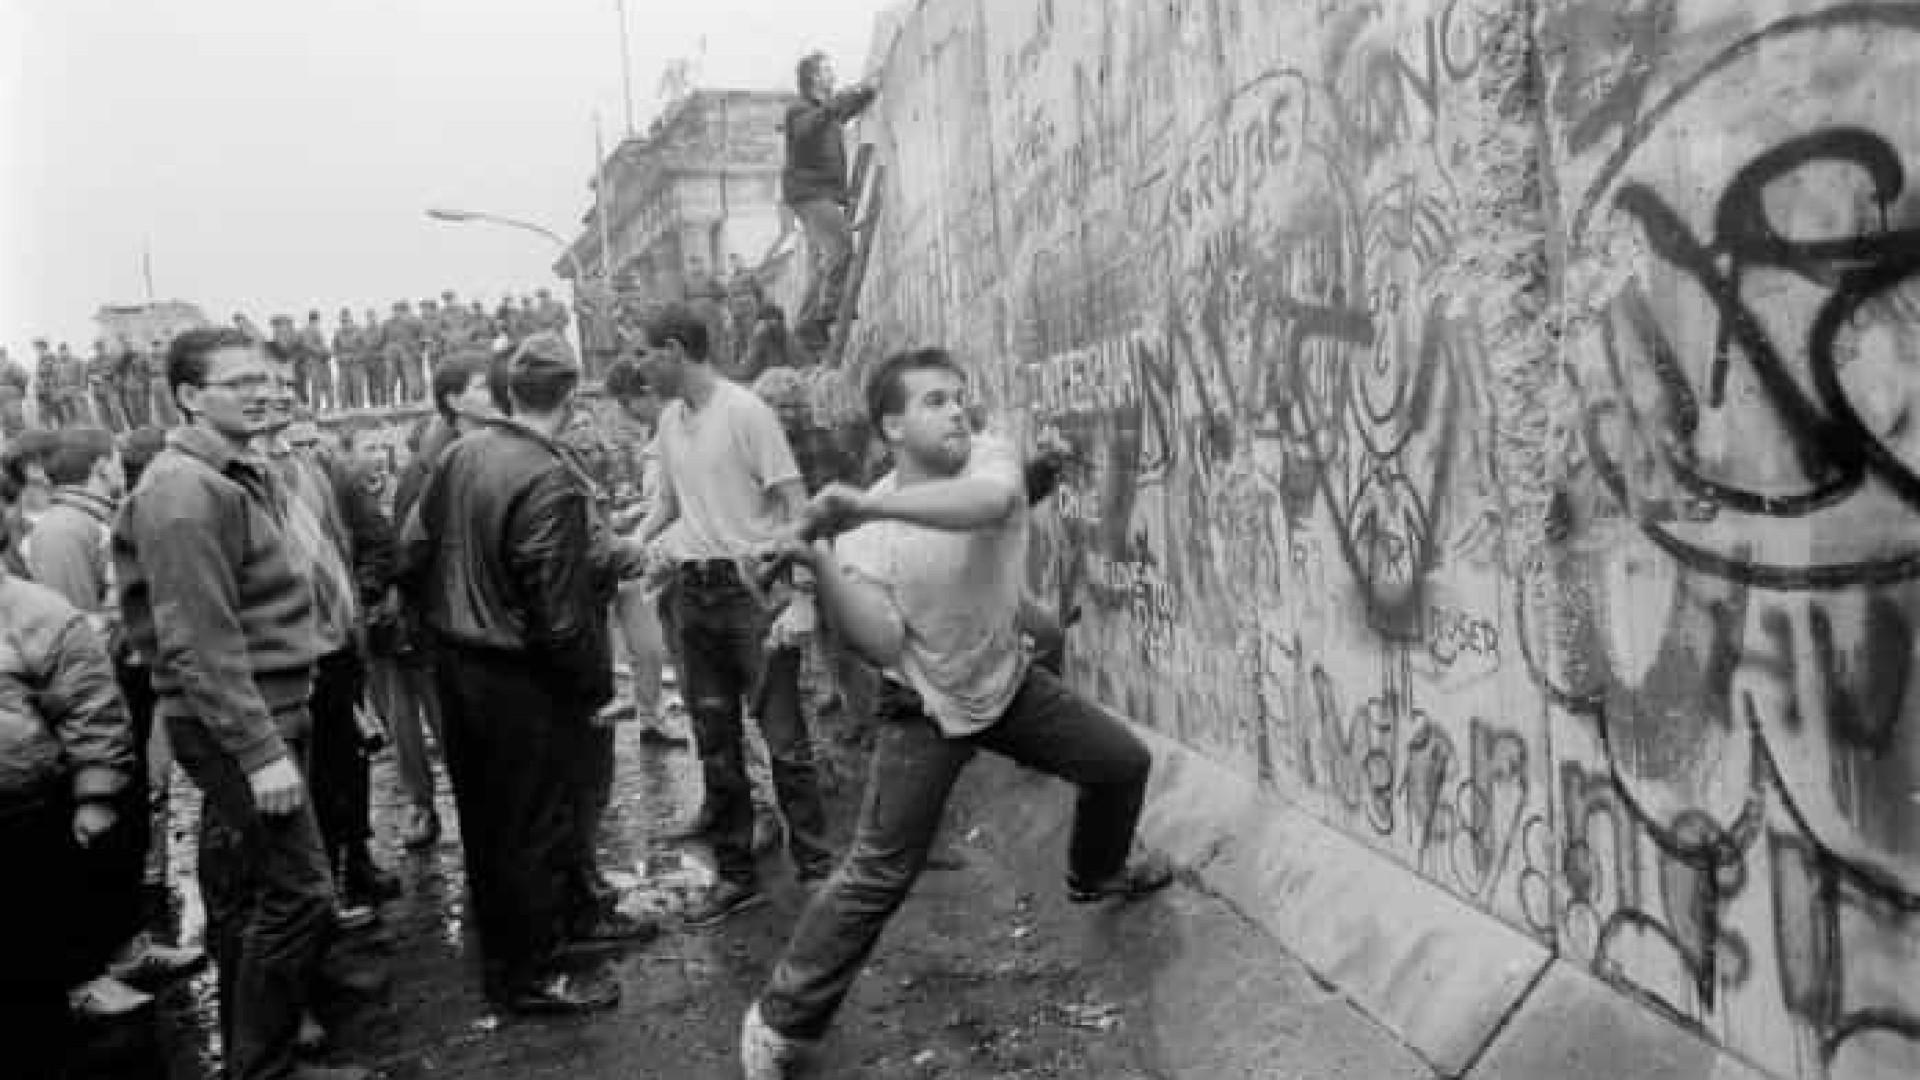 9 de novembro : 30 anos da queda do muro de Berlim